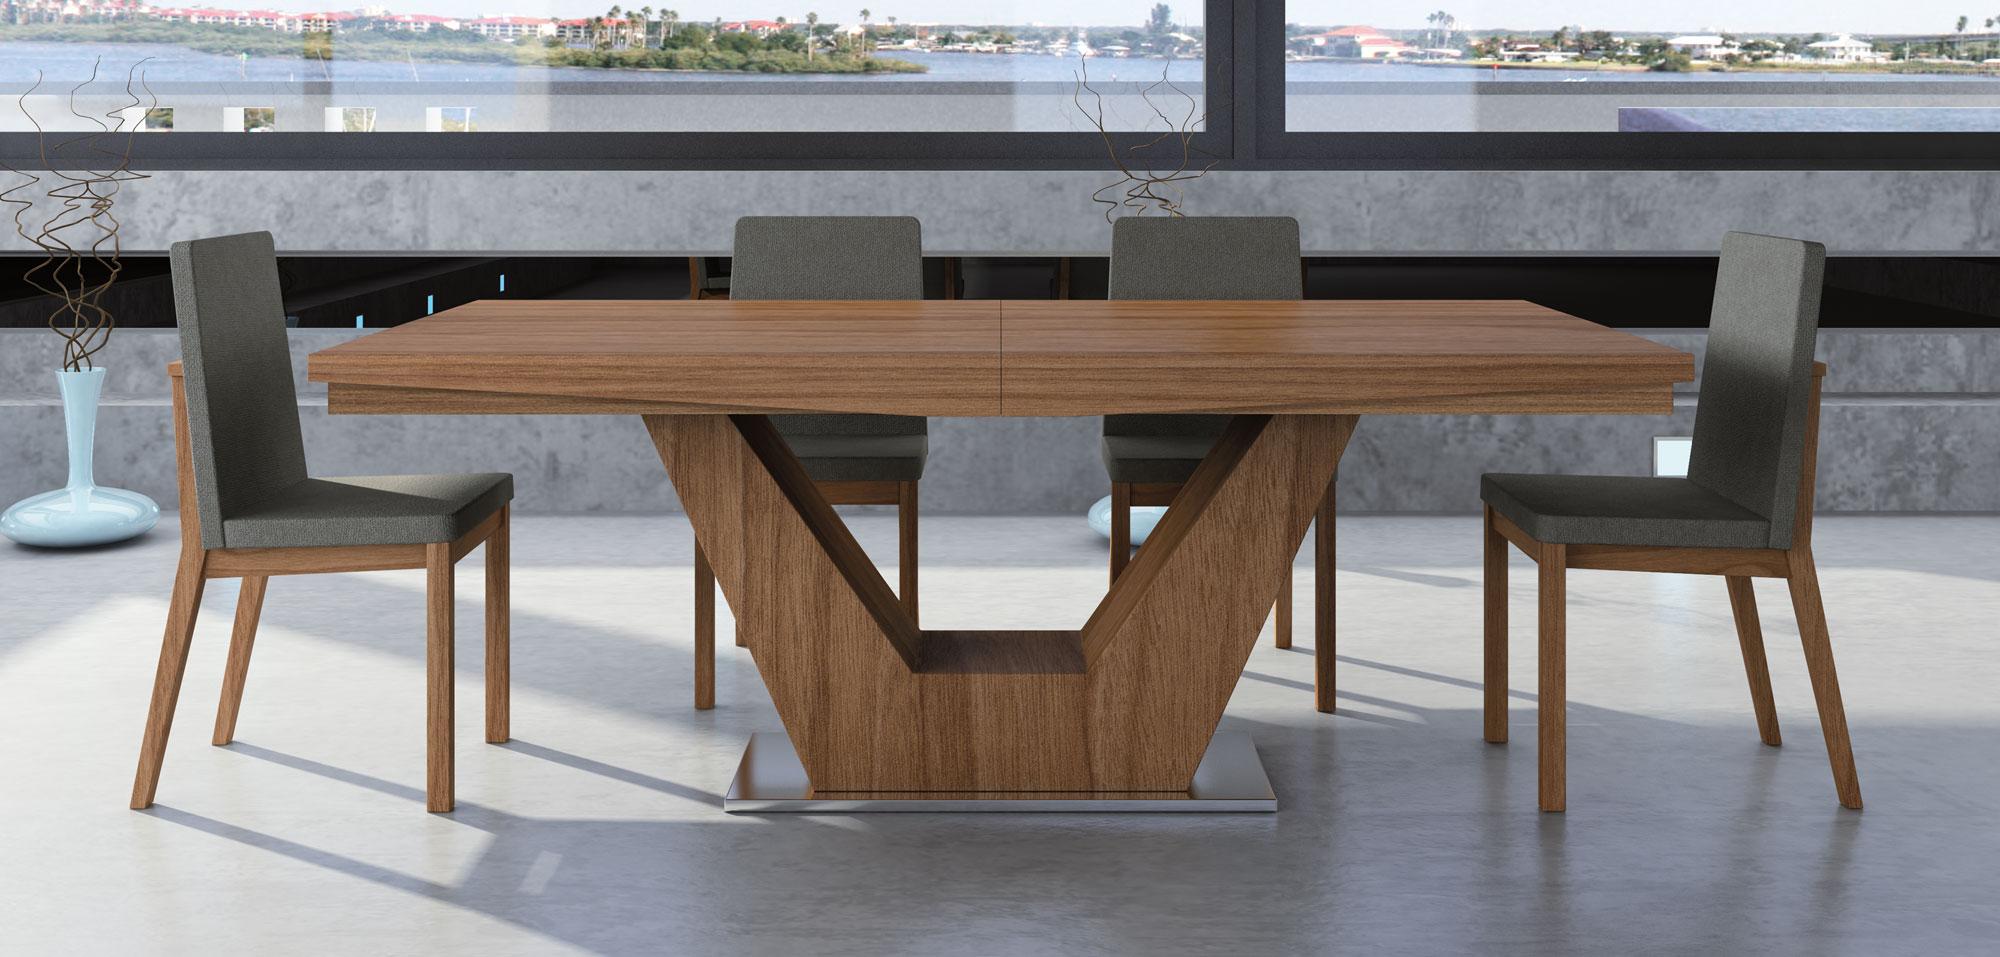 Mesas De Salon Modernas 8ydm Mesa Edor Extensible Moderna Verona En Portobellostreet